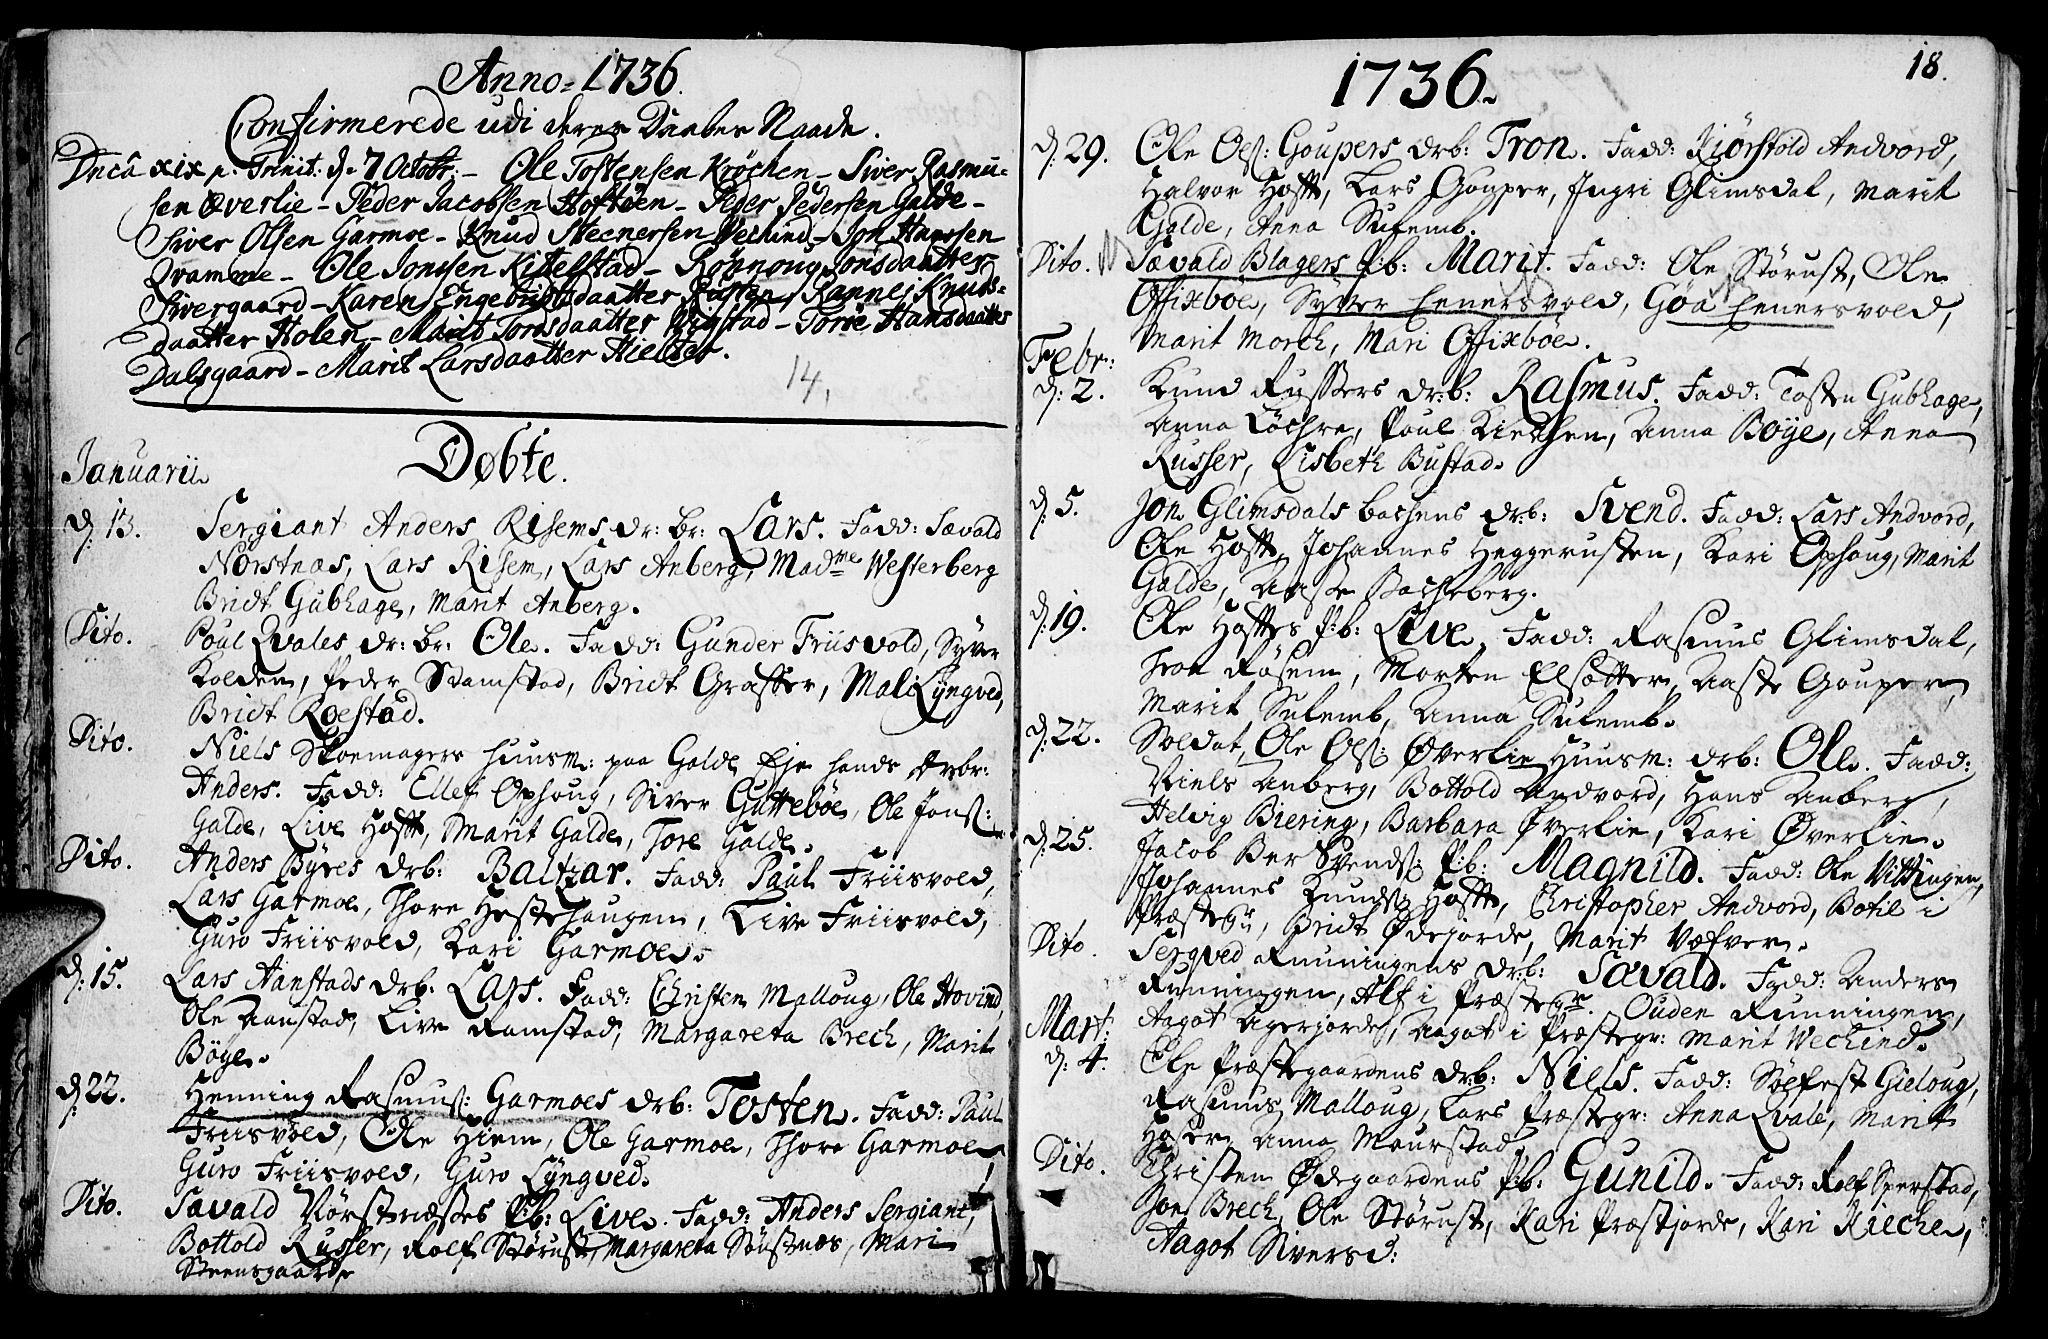 SAH, Lom prestekontor, K/L0001: Ministerialbok nr. 1, 1733-1748, s. 18